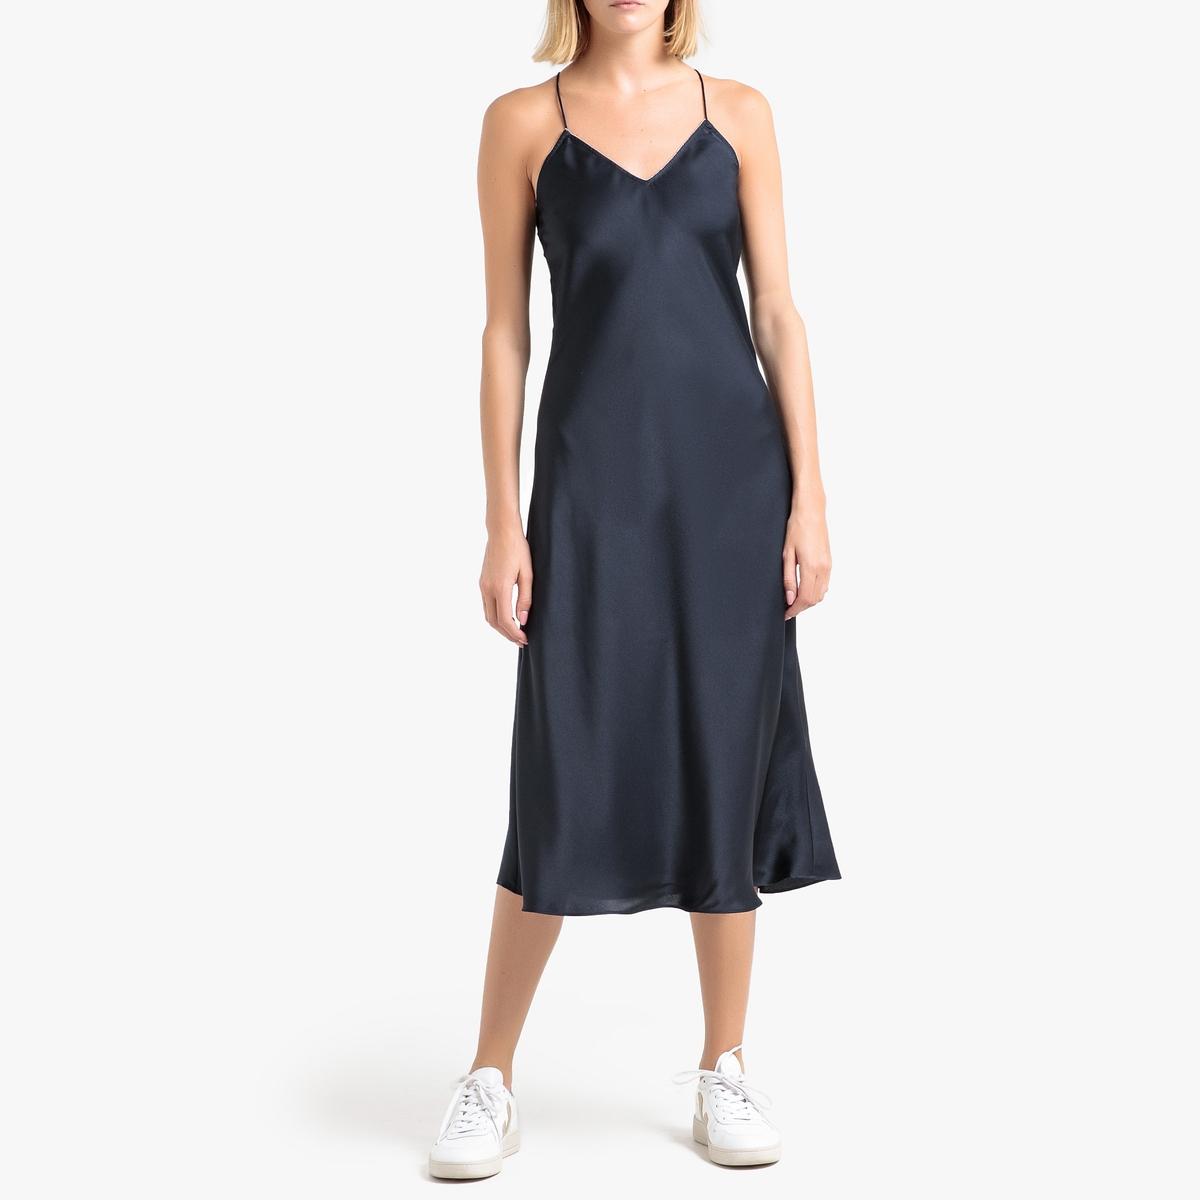 Платье La Redoute Прямое струящееся CIENNA 2(M) синий цена